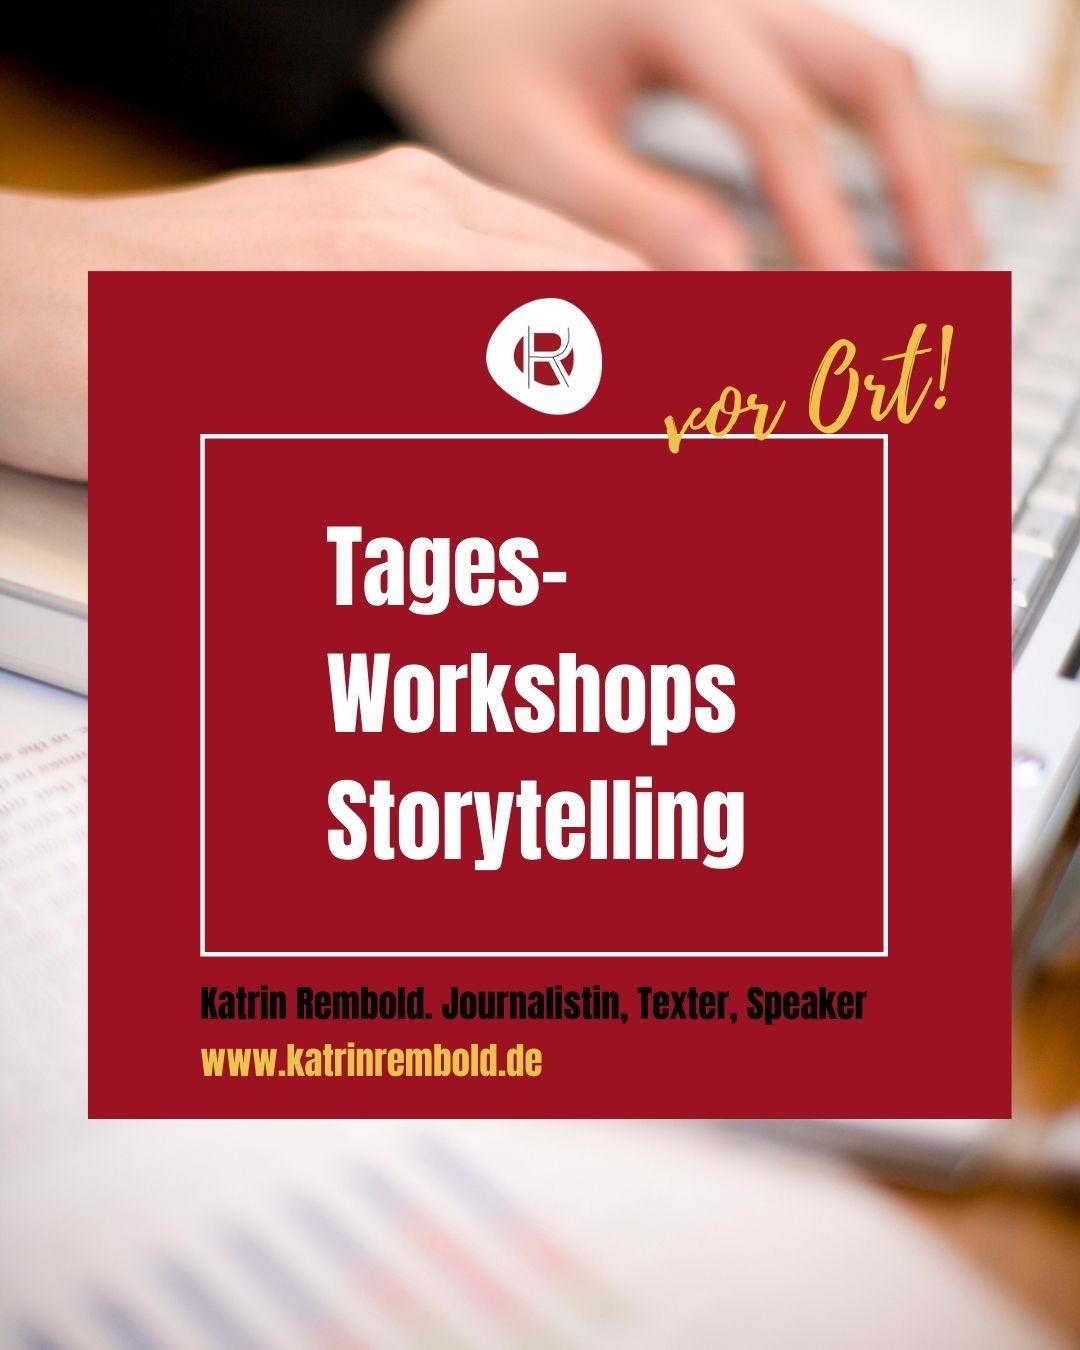 Katrin Rembold, Journalistin & Texterin. Online Workshop Storytelling und Texten.